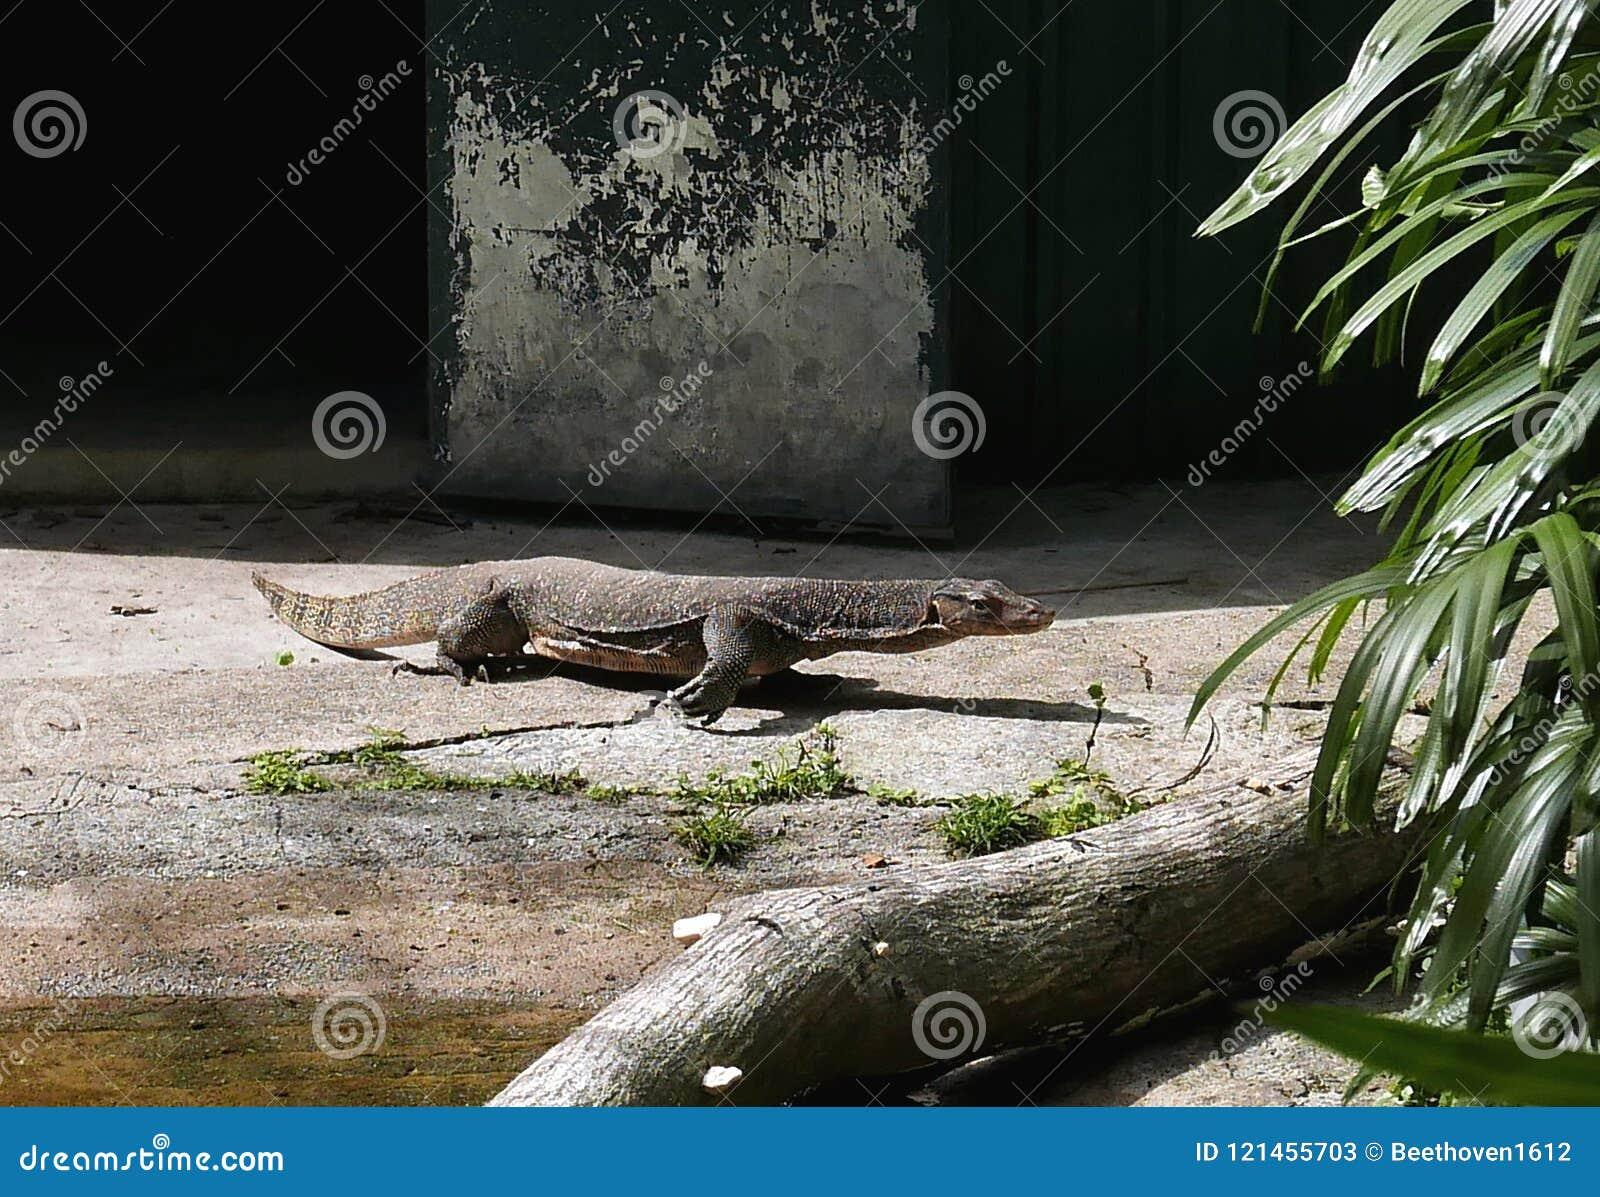 非常囚禁大蜥蜴爬行动物